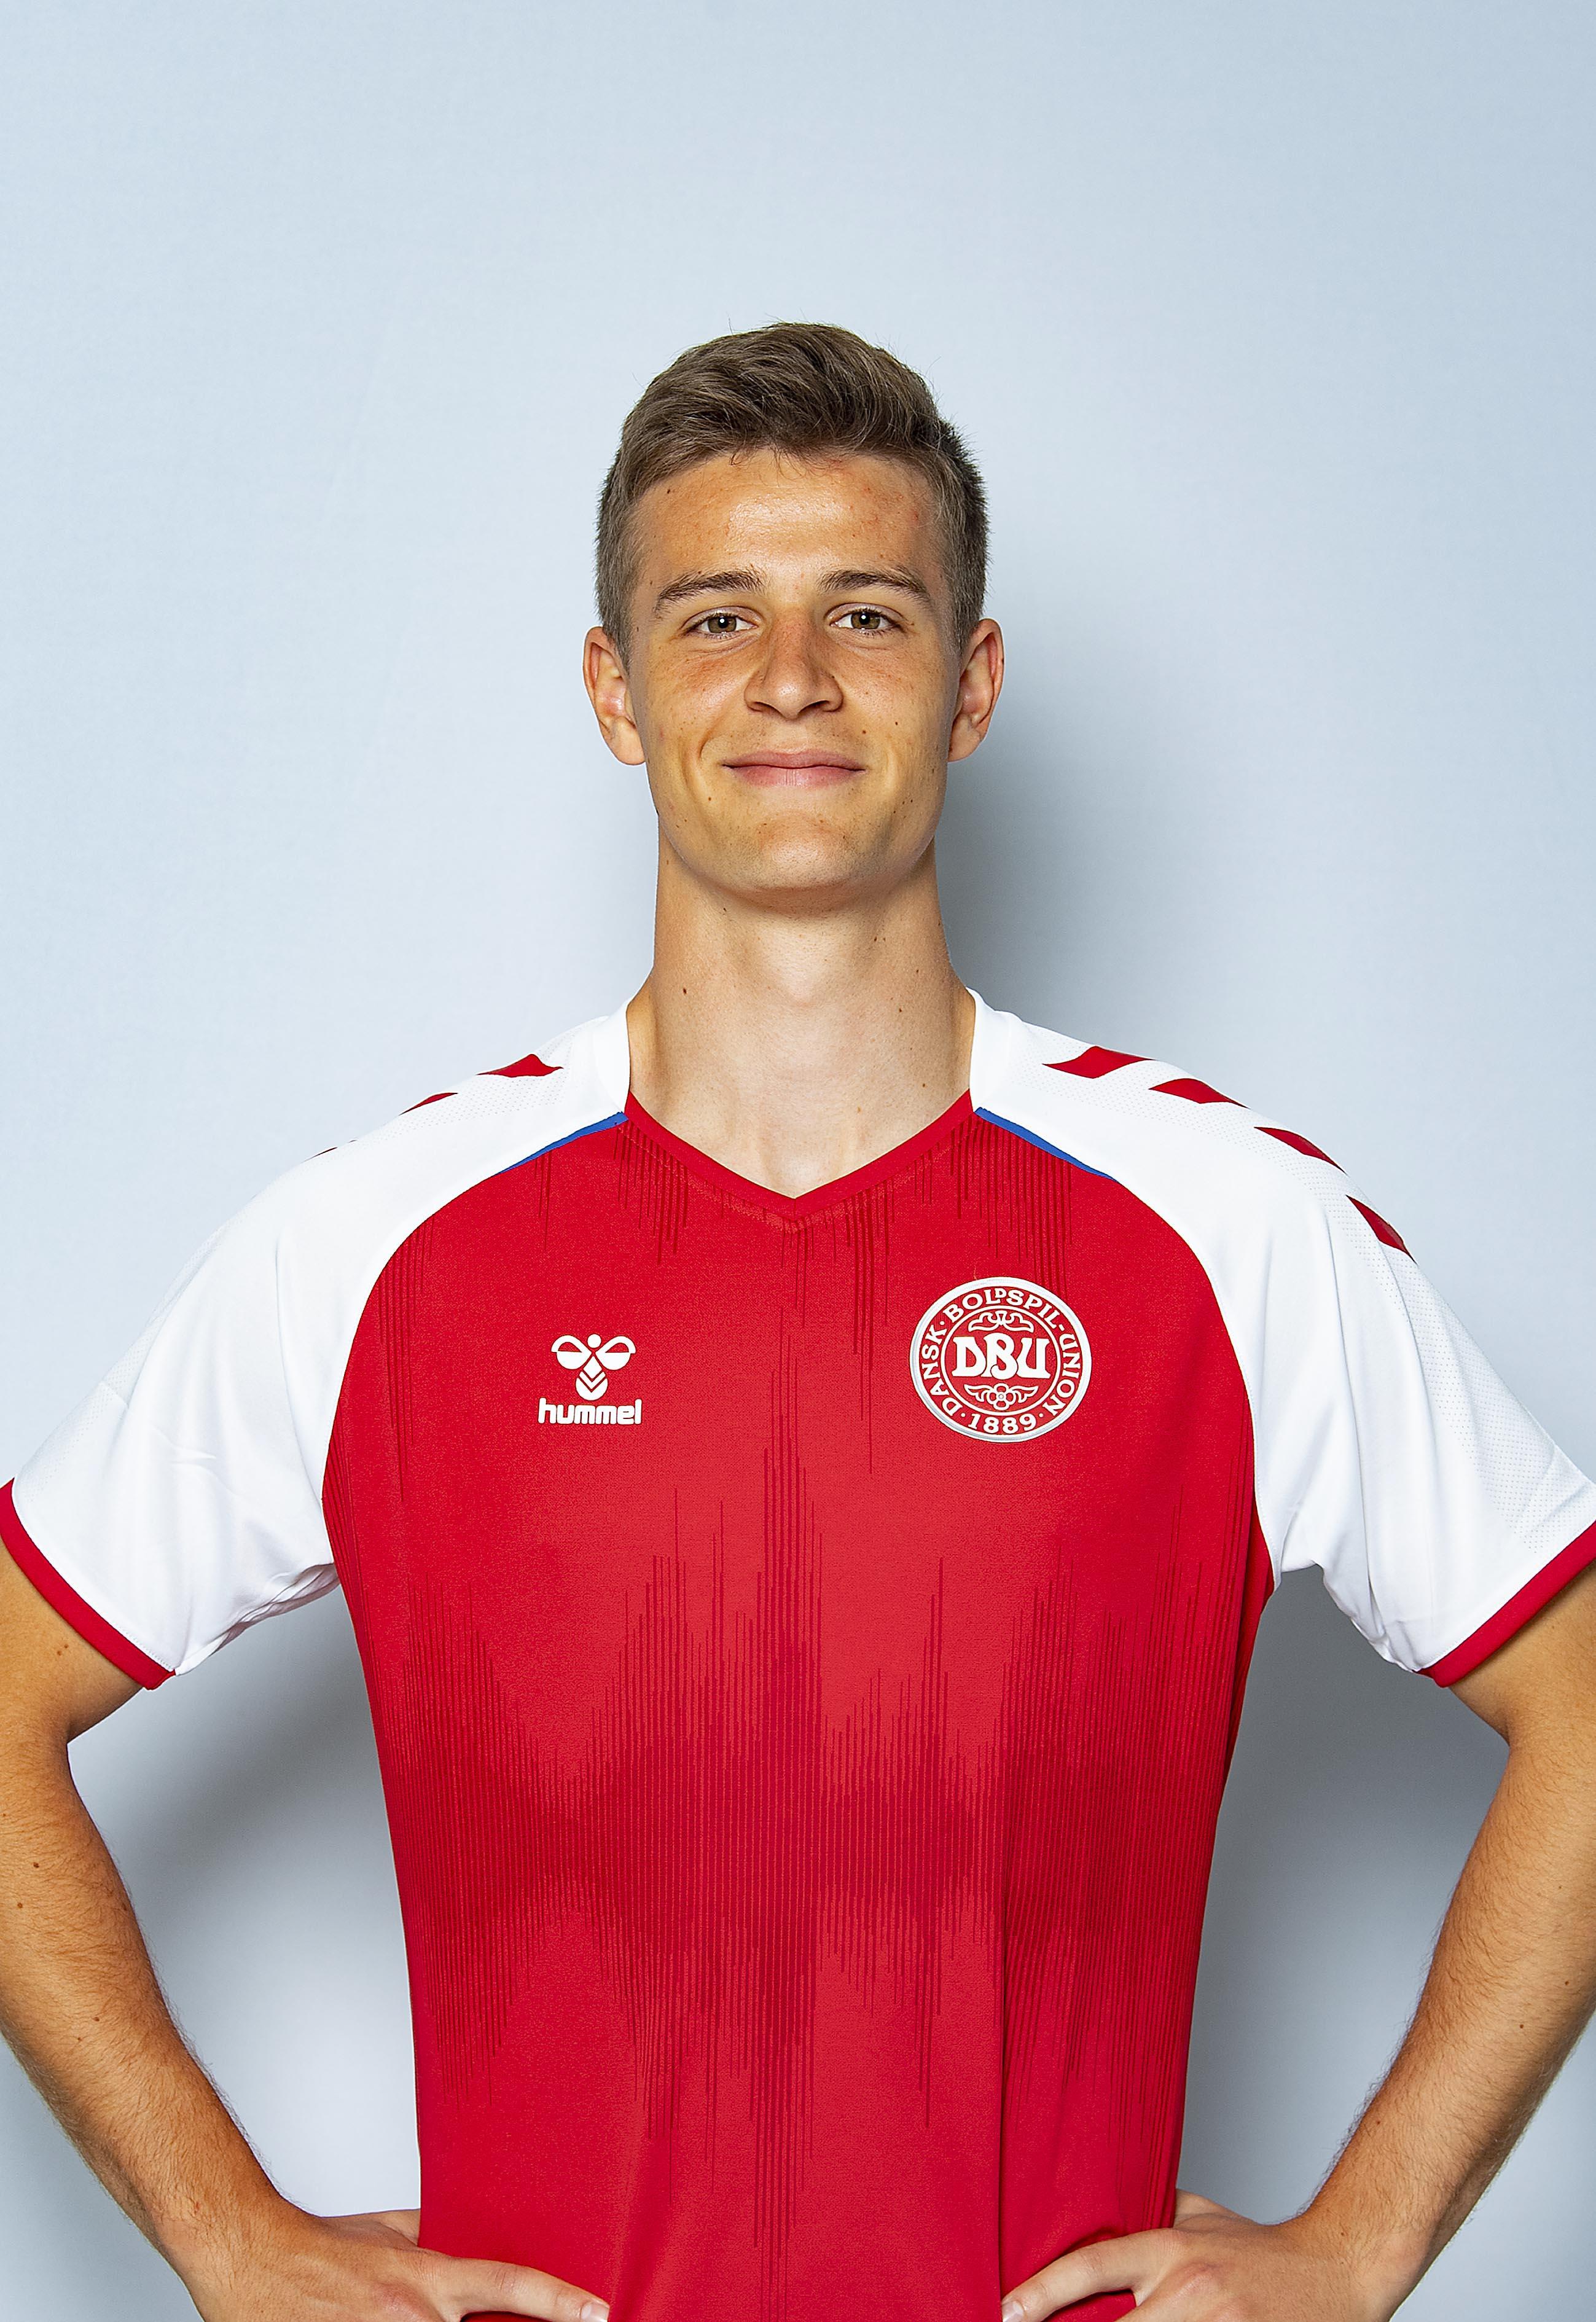 Rasmus Carstensen